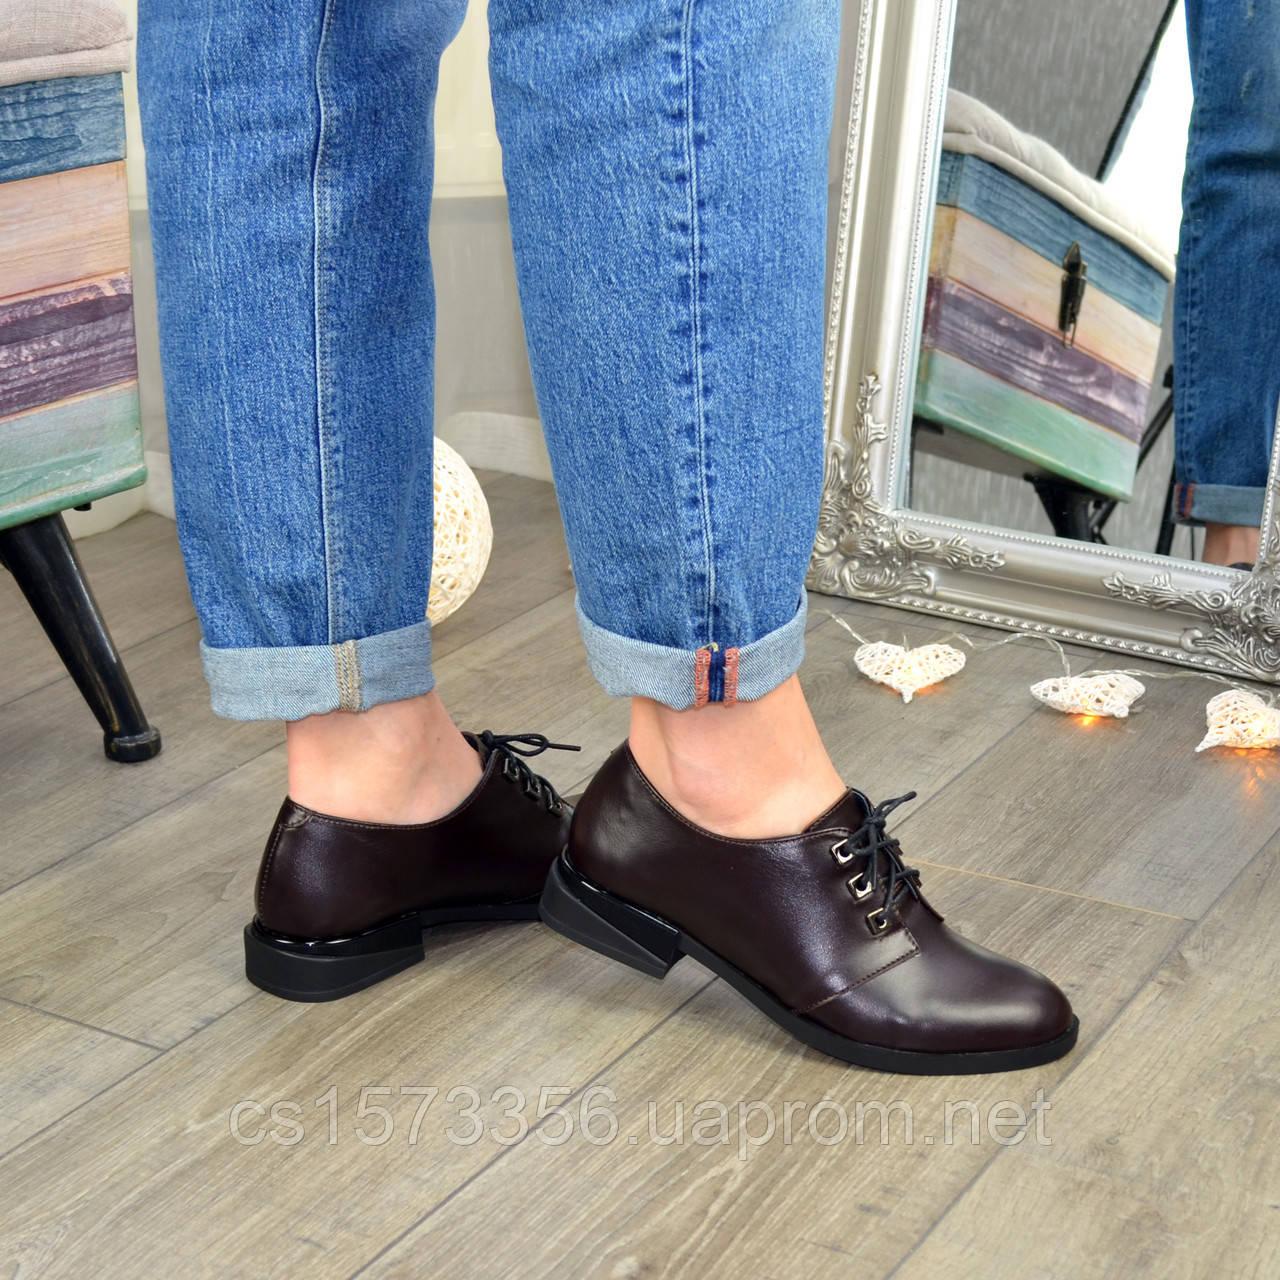 Туфли женские кожаные на шнуровке, низкий ход. Цвет коричневый